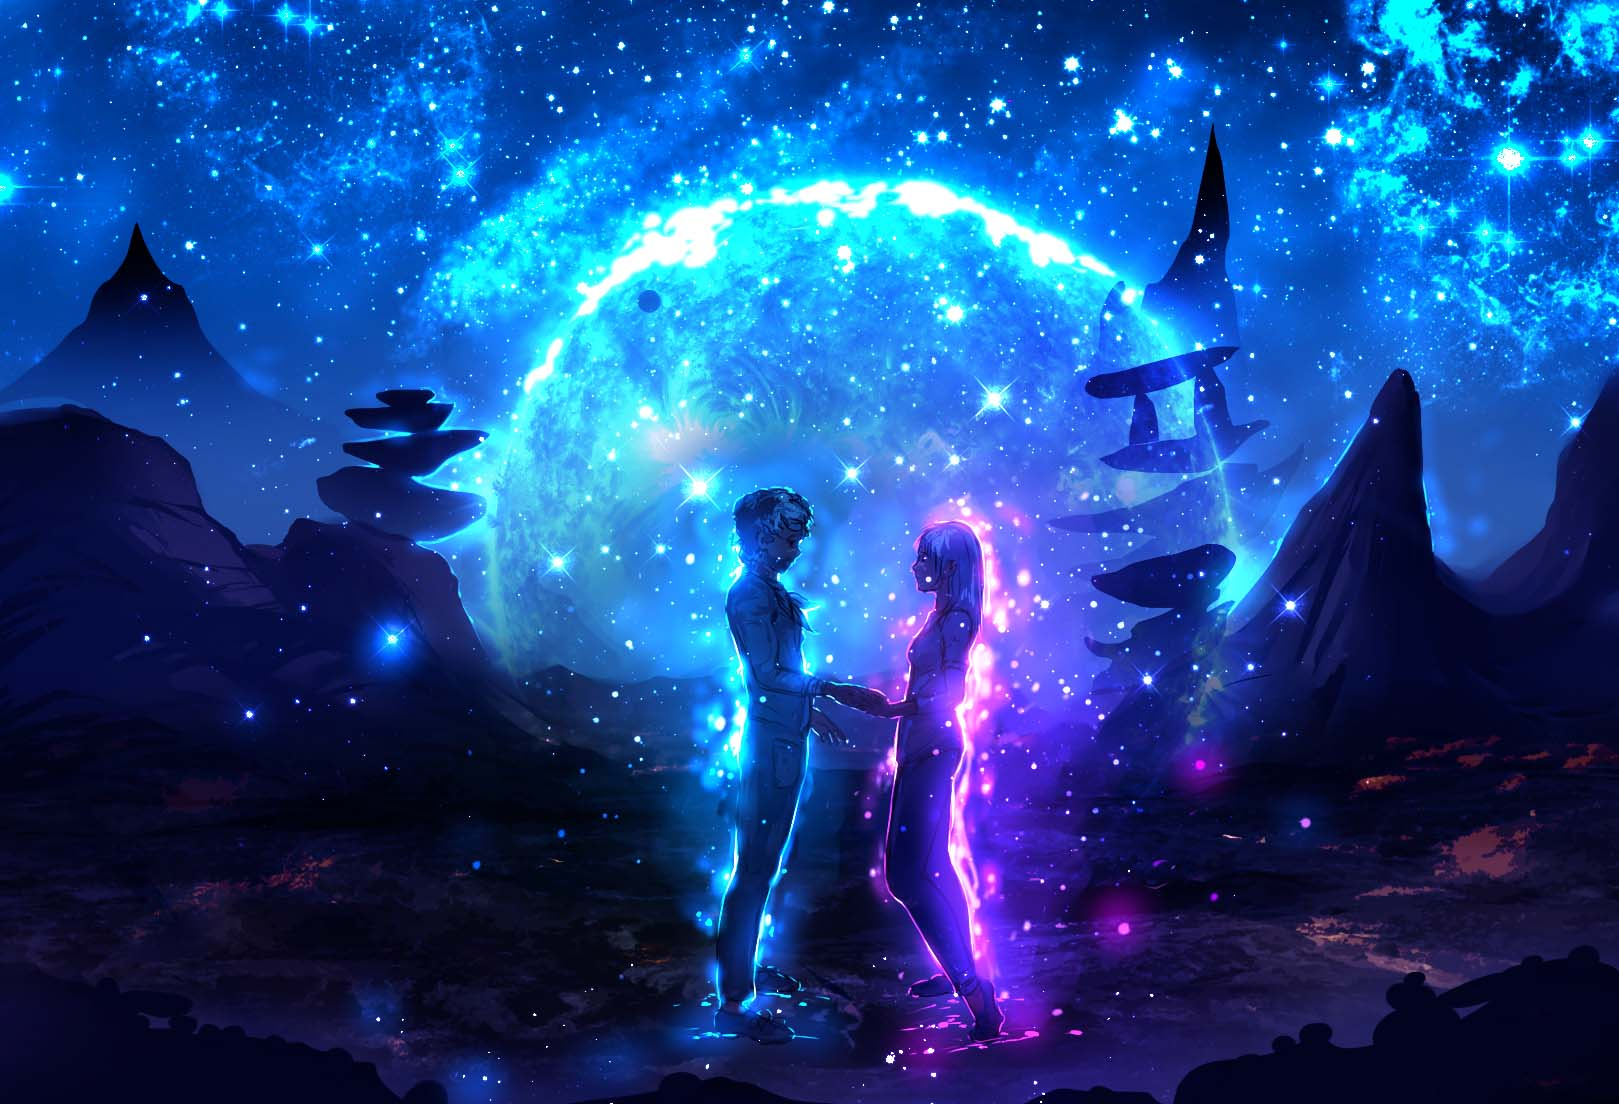 Anime galaxy đẹp và huyền ảo